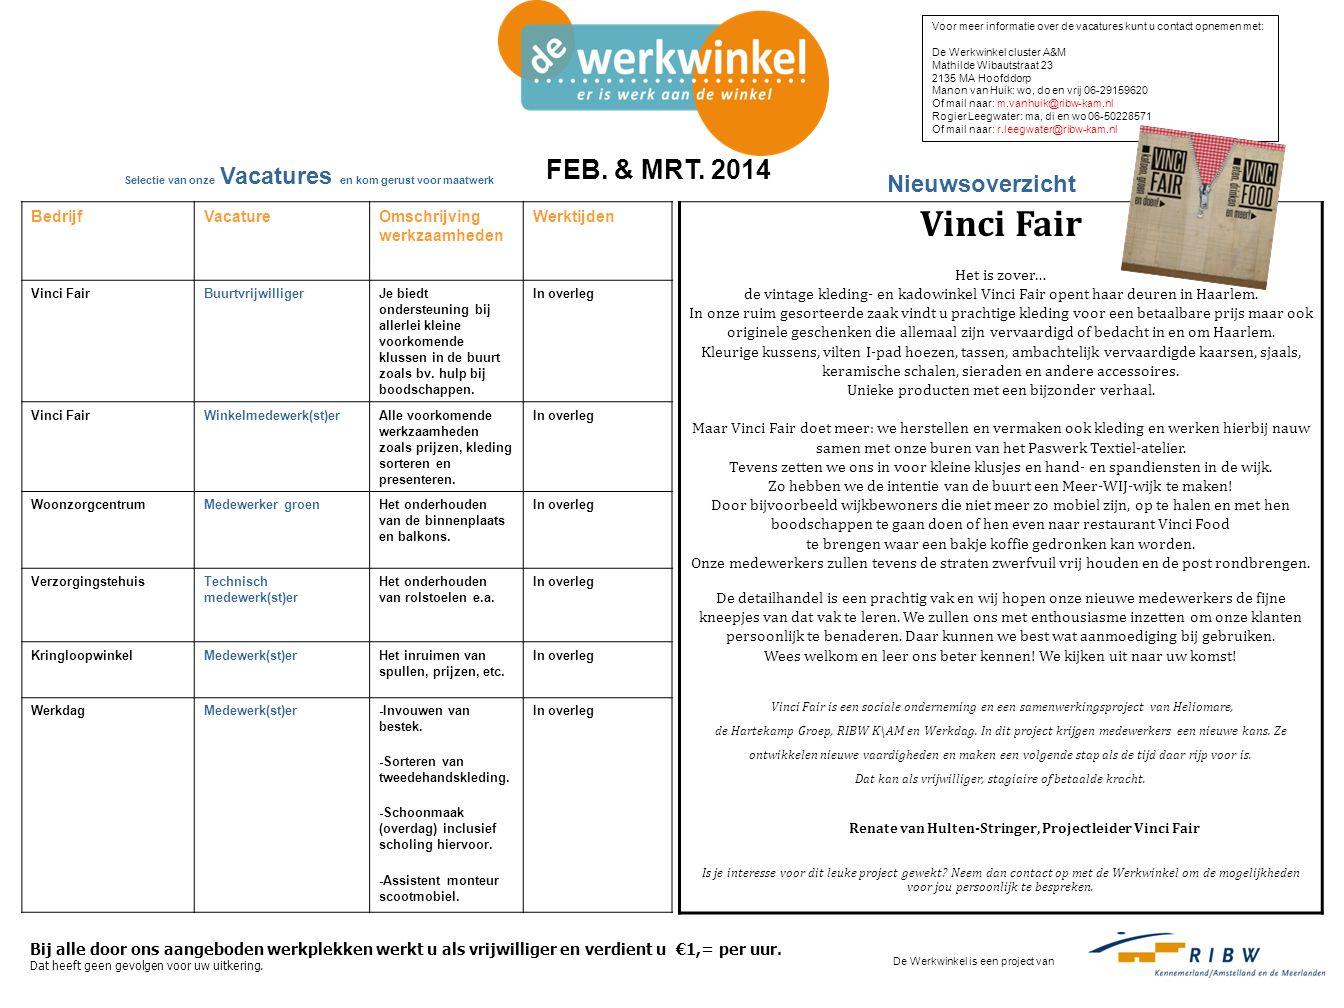 BedrijfVacatureOmschrijving werkzaamheden Werktijden Vinci FairBuurtvrijwilligerJe biedt ondersteuning bij allerlei kleine voorkomende klussen in de buurt zoals bv.